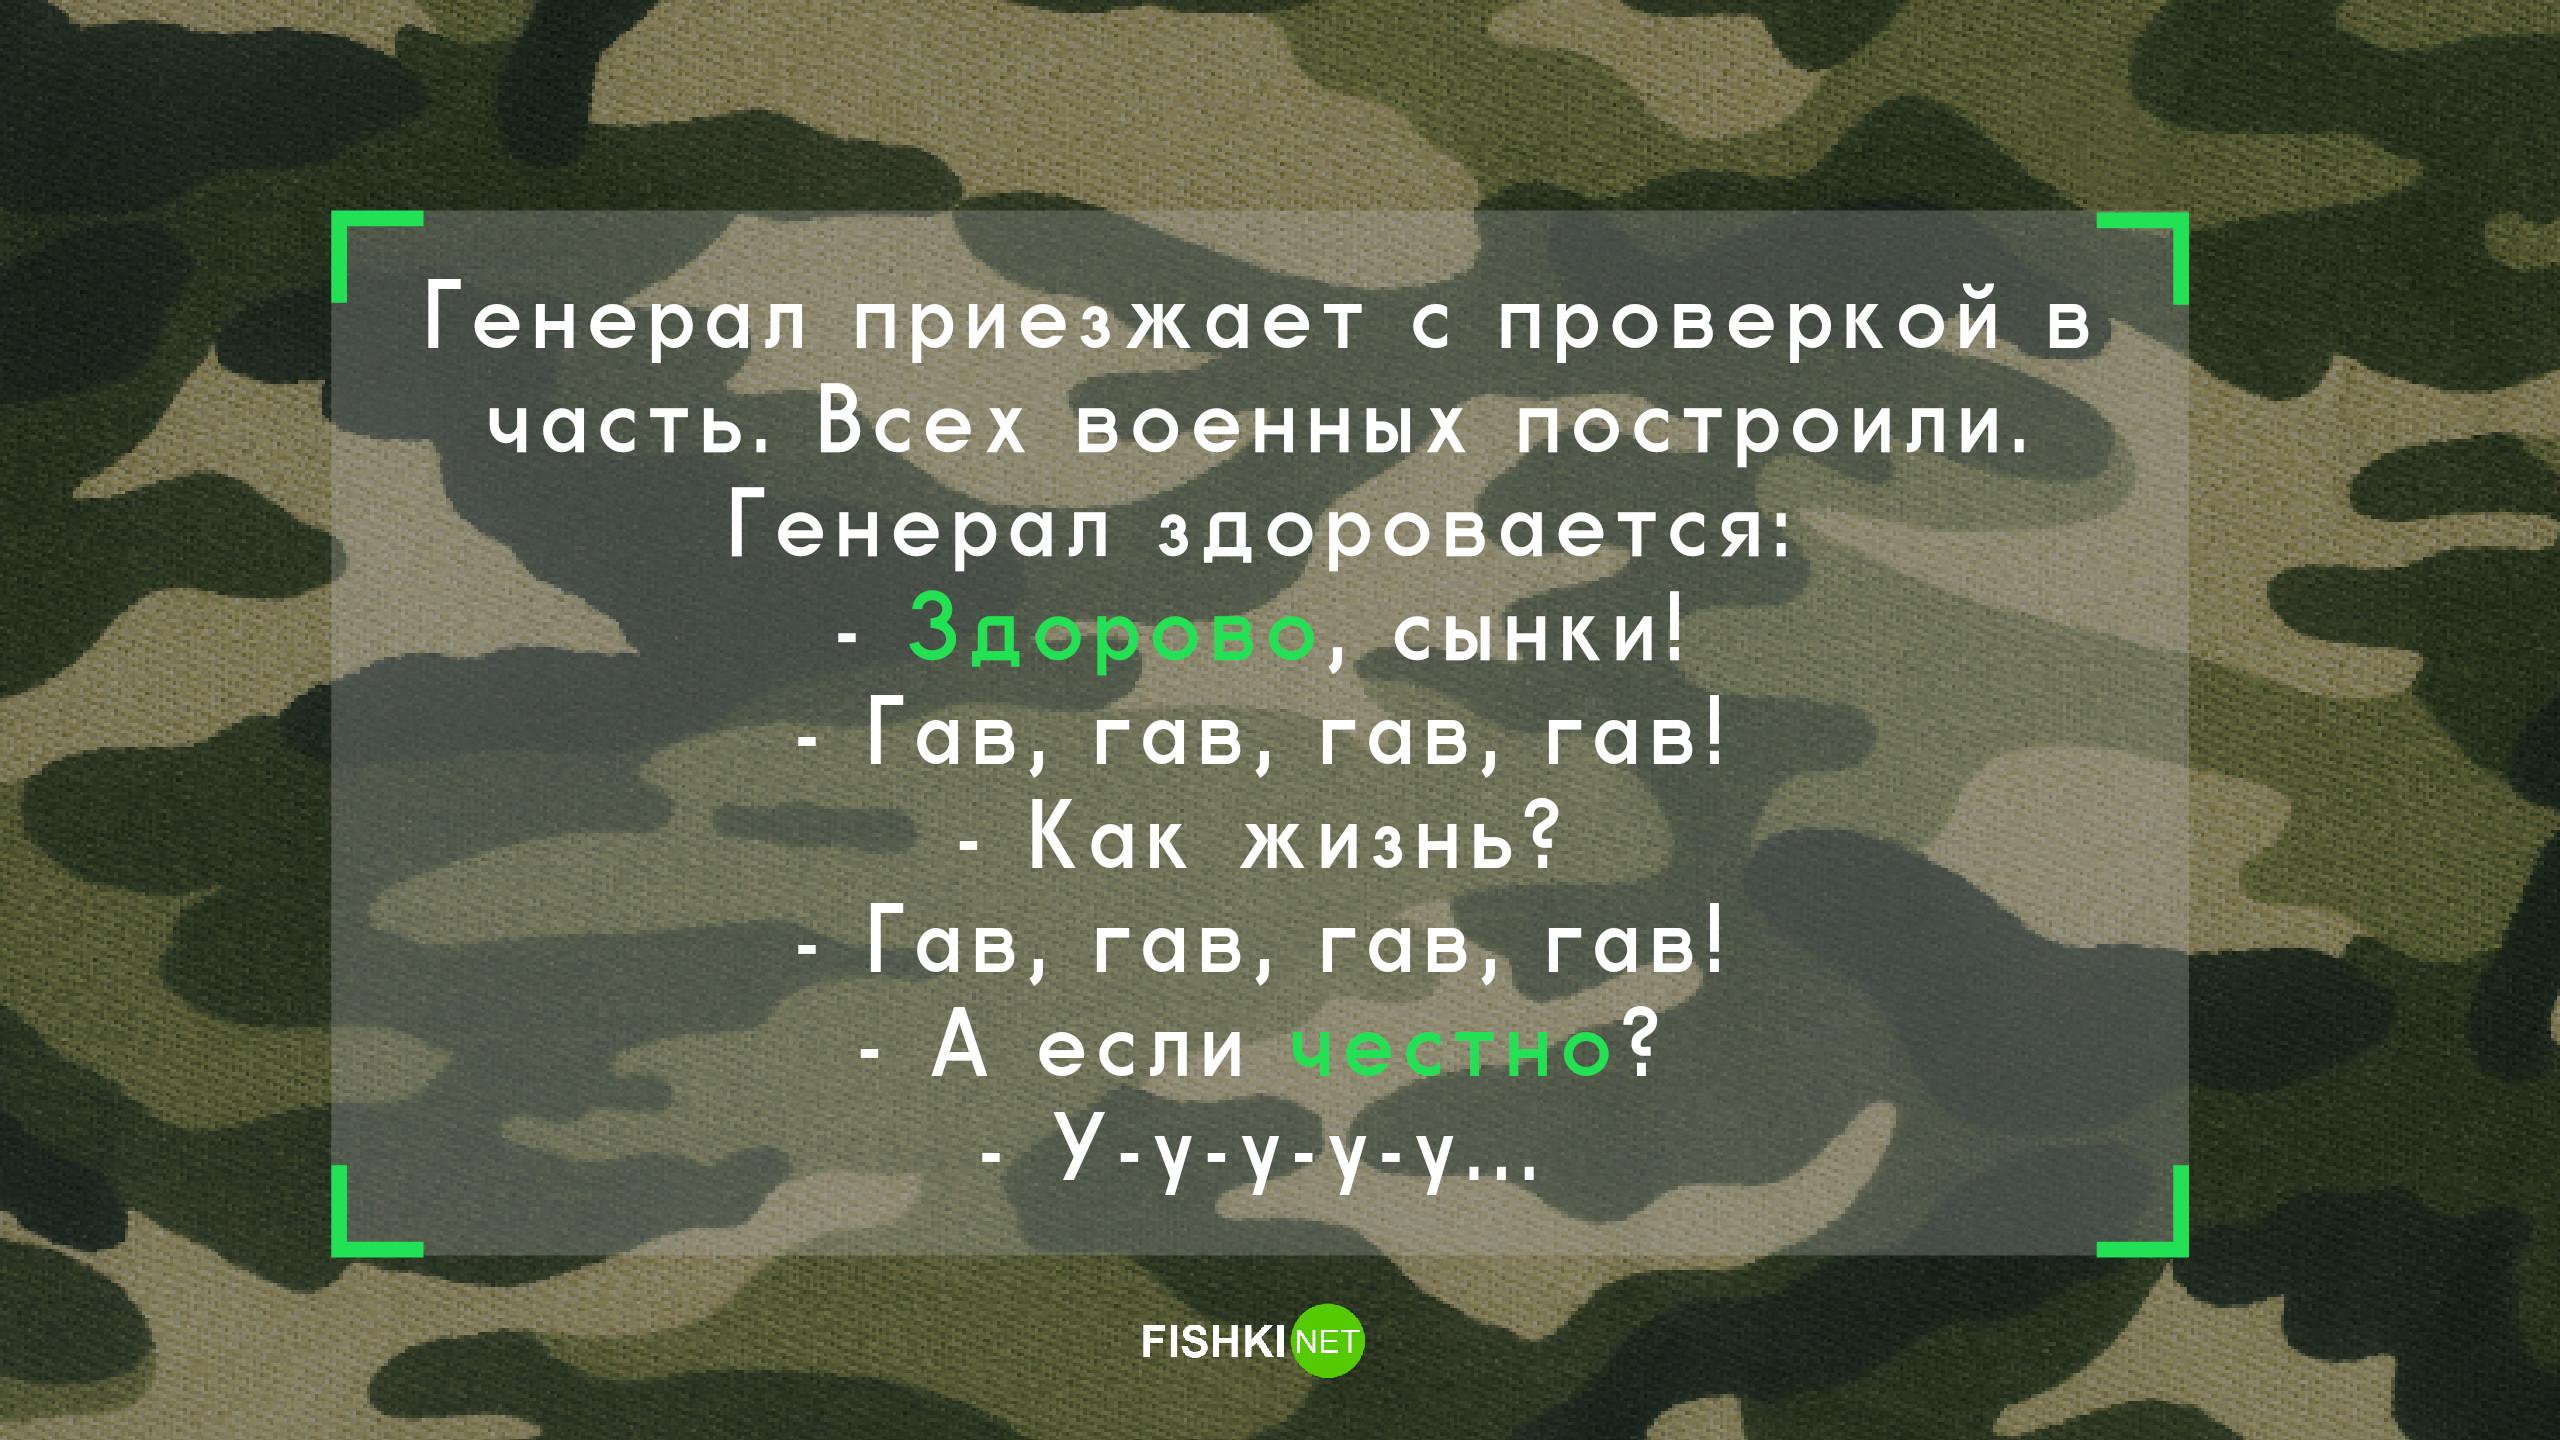 15 анекдотов, которые напомнят вам о суровых армейских буднях Анекдоты, армия, служба, солдаты, юмор